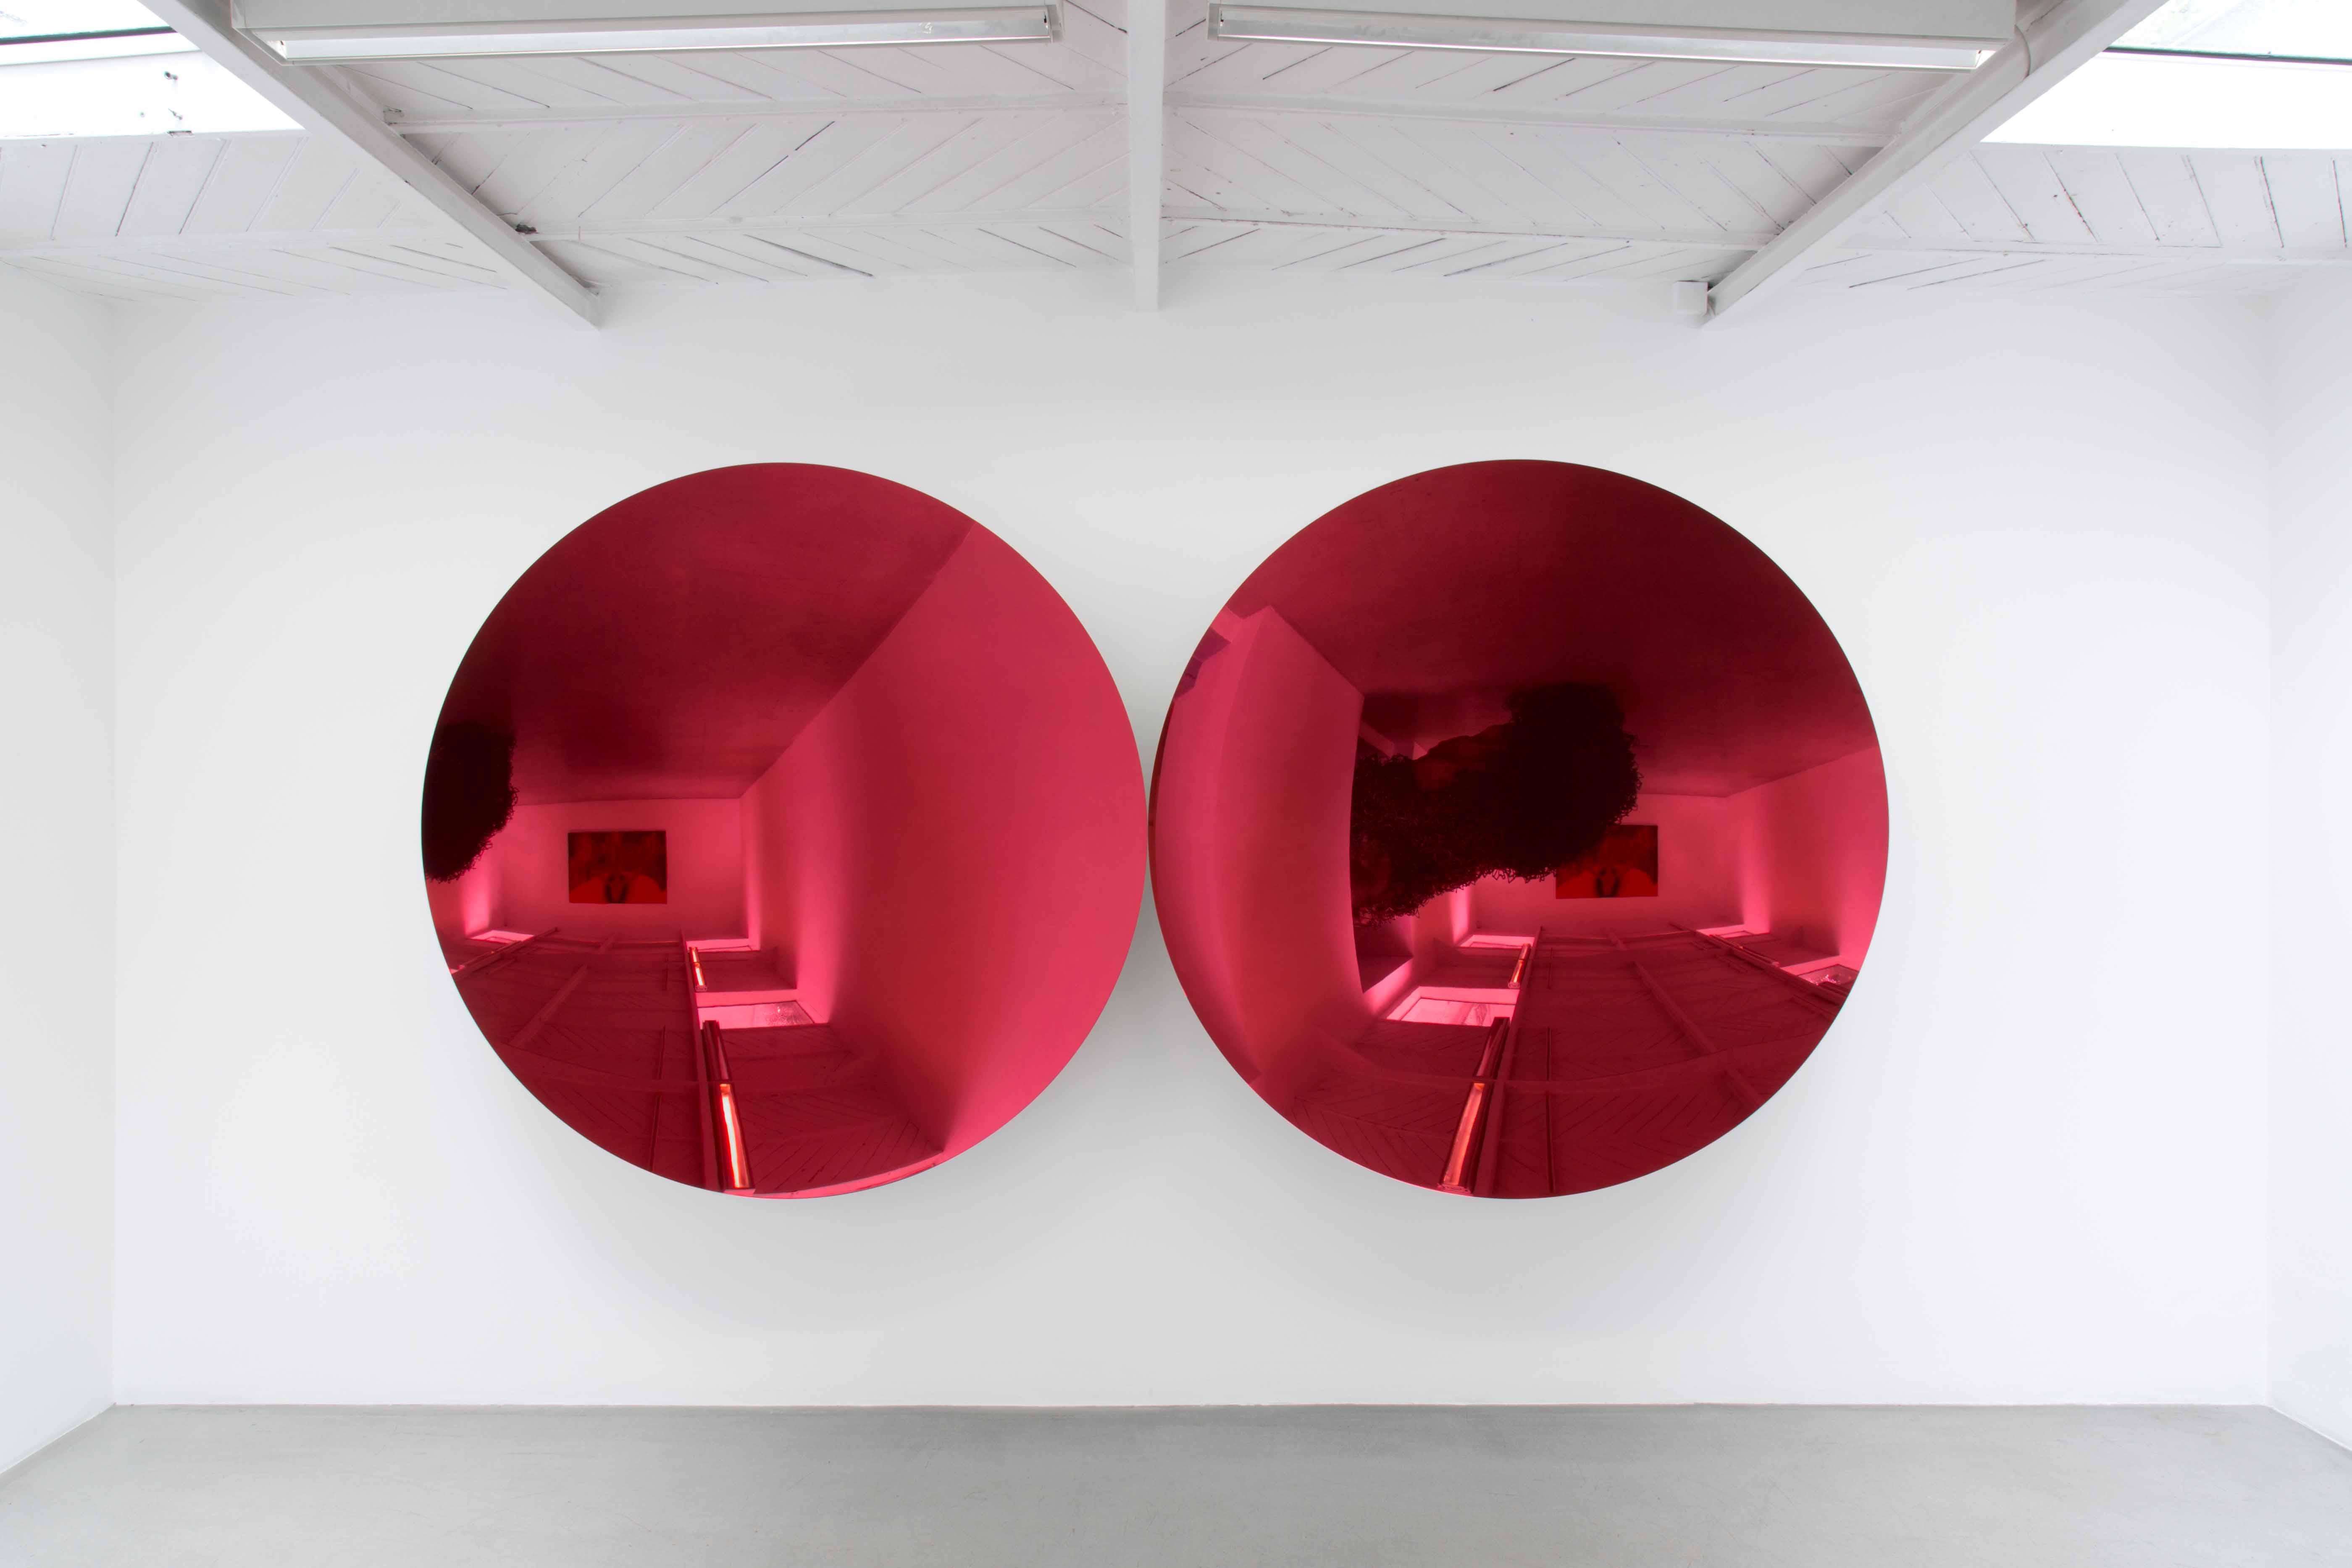 Anish Kapoor, Mirror (Magenta Apple mix 2), 2018 / Vue de l'exposition « Another (M)other », Kamel Mennour © ADAGP Anish Kapoor 2018, courtesy the artist and Kamel Mennour